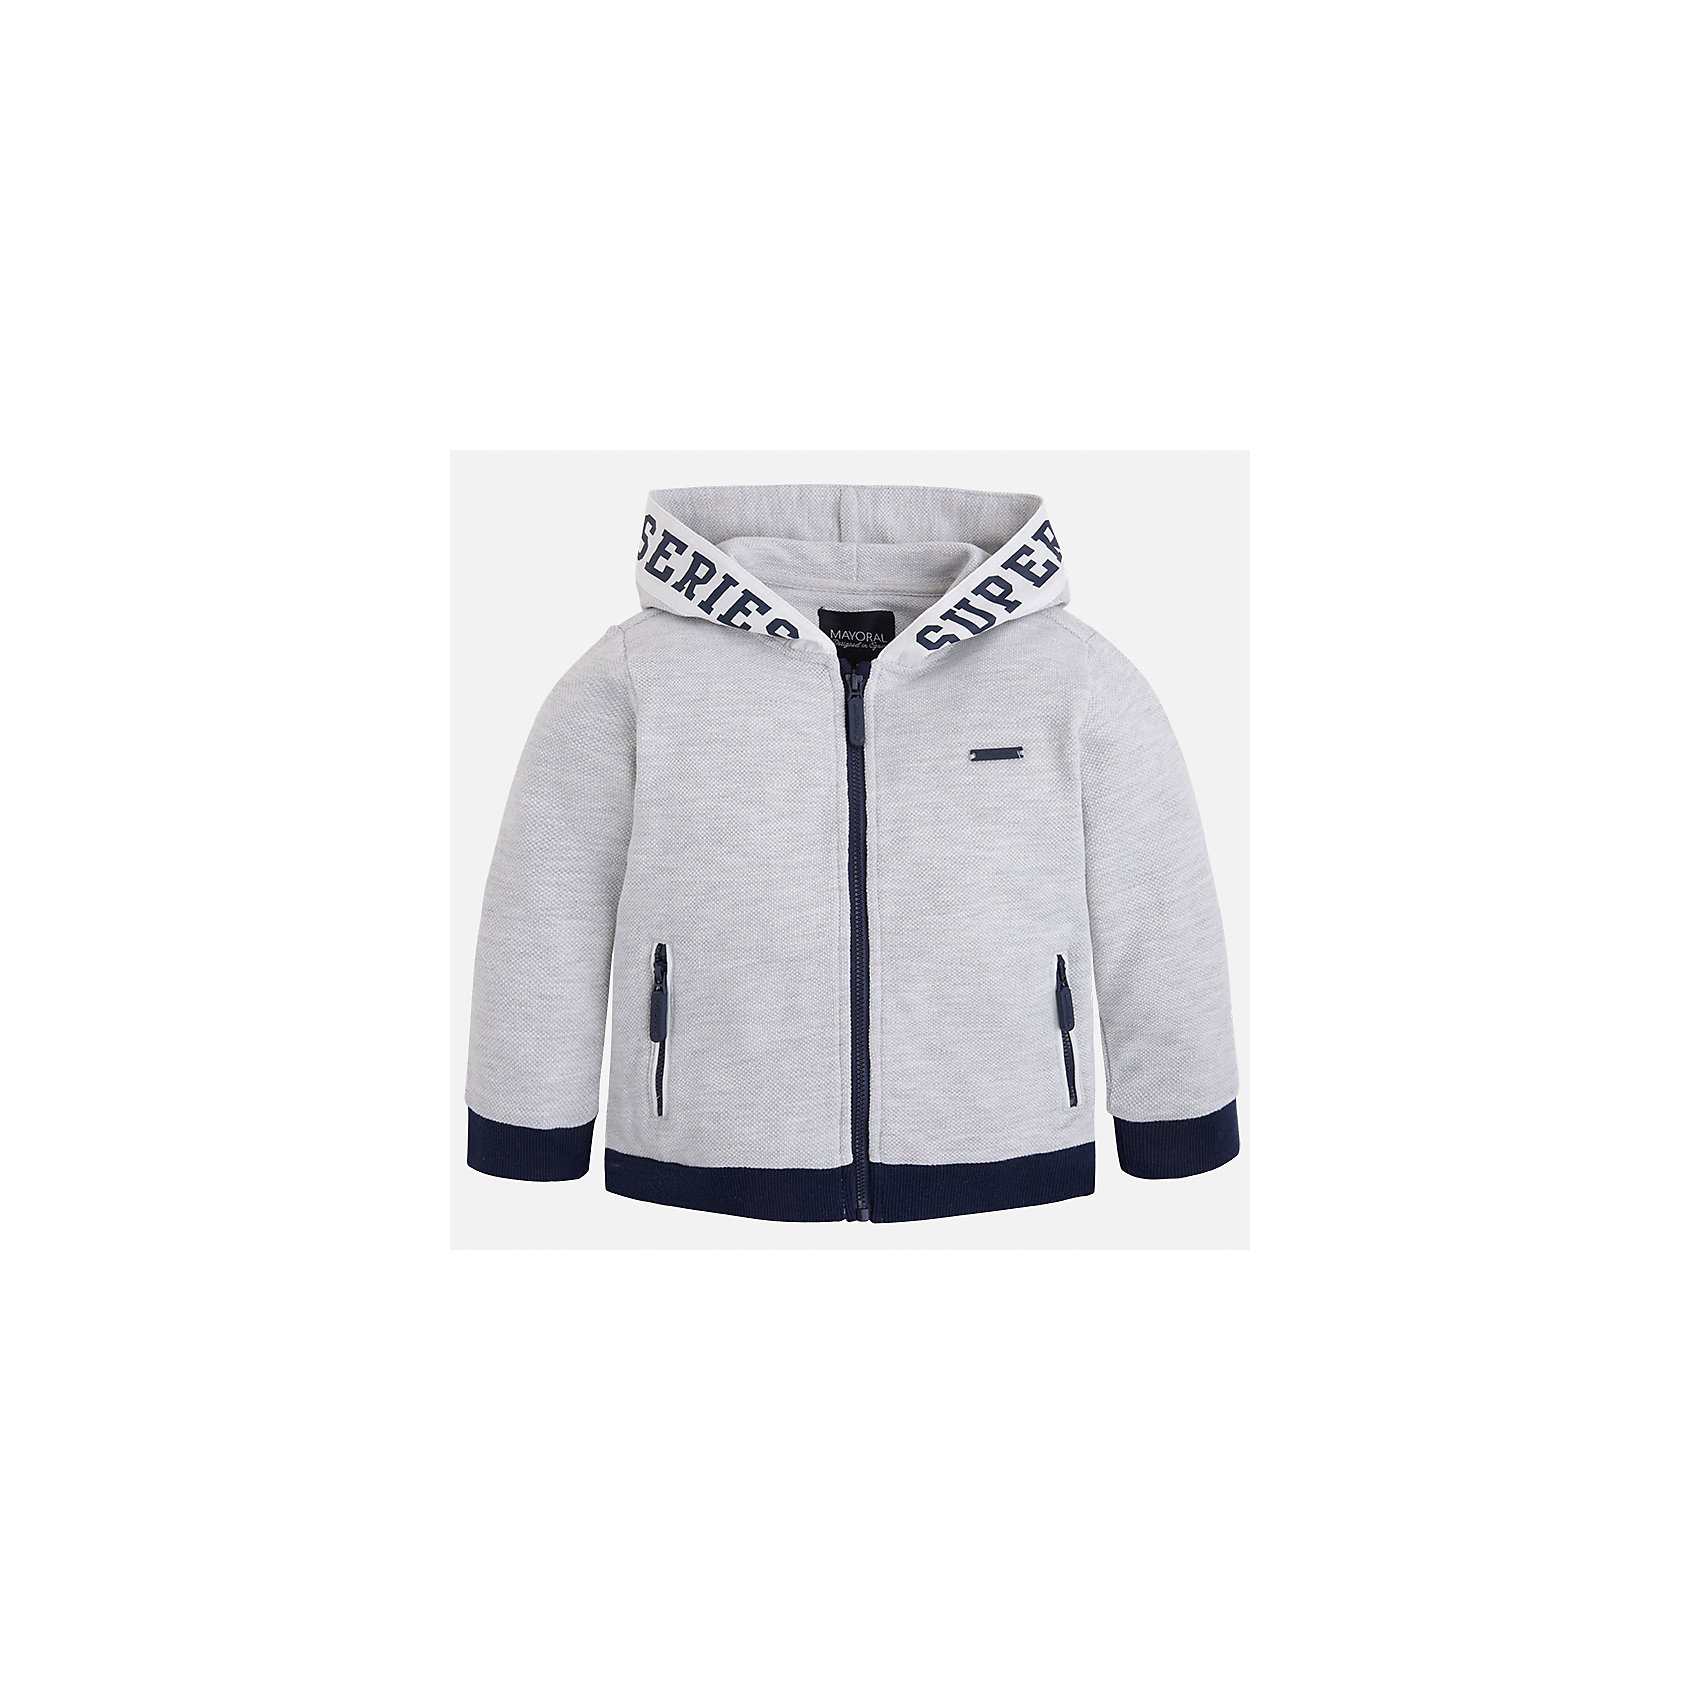 Куртка для мальчика MayoralХарактеристики товара:<br><br>• цвет: серый<br>• состав: 100% хлопок<br>• манжеты<br>• карманы<br>• молния<br>• капюшон<br>• страна бренда: Испания<br><br>Легкая толстовка для мальчика поможет разнообразить гардероб ребенка и обеспечить тепло в прохладную погоду. Она отлично сочетается и с джинсами, и с брюками. Универсальный цвет позволяет подобрать к вещи низ различных расцветок. Интересная отделка модели делает её нарядной и оригинальной. В составе материала - только натуральный хлопок, гипоаллергенный, приятный на ощупь, дышащий.<br><br>Одежда, обувь и аксессуары от испанского бренда Mayoral полюбились детям и взрослым по всему миру. Модели этой марки - стильные и удобные. Для их производства используются только безопасные, качественные материалы и фурнитура. Порадуйте ребенка модными и красивыми вещами от Mayoral! <br><br>Толстовку для мальчика от испанского бренда Mayoral (Майорал) можно купить в нашем интернет-магазине.<br><br>Ширина мм: 356<br>Глубина мм: 10<br>Высота мм: 245<br>Вес г: 519<br>Цвет: белый<br>Возраст от месяцев: 96<br>Возраст до месяцев: 108<br>Пол: Мужской<br>Возраст: Детский<br>Размер: 134,122,92,98,104,110,116,128<br>SKU: 5280648